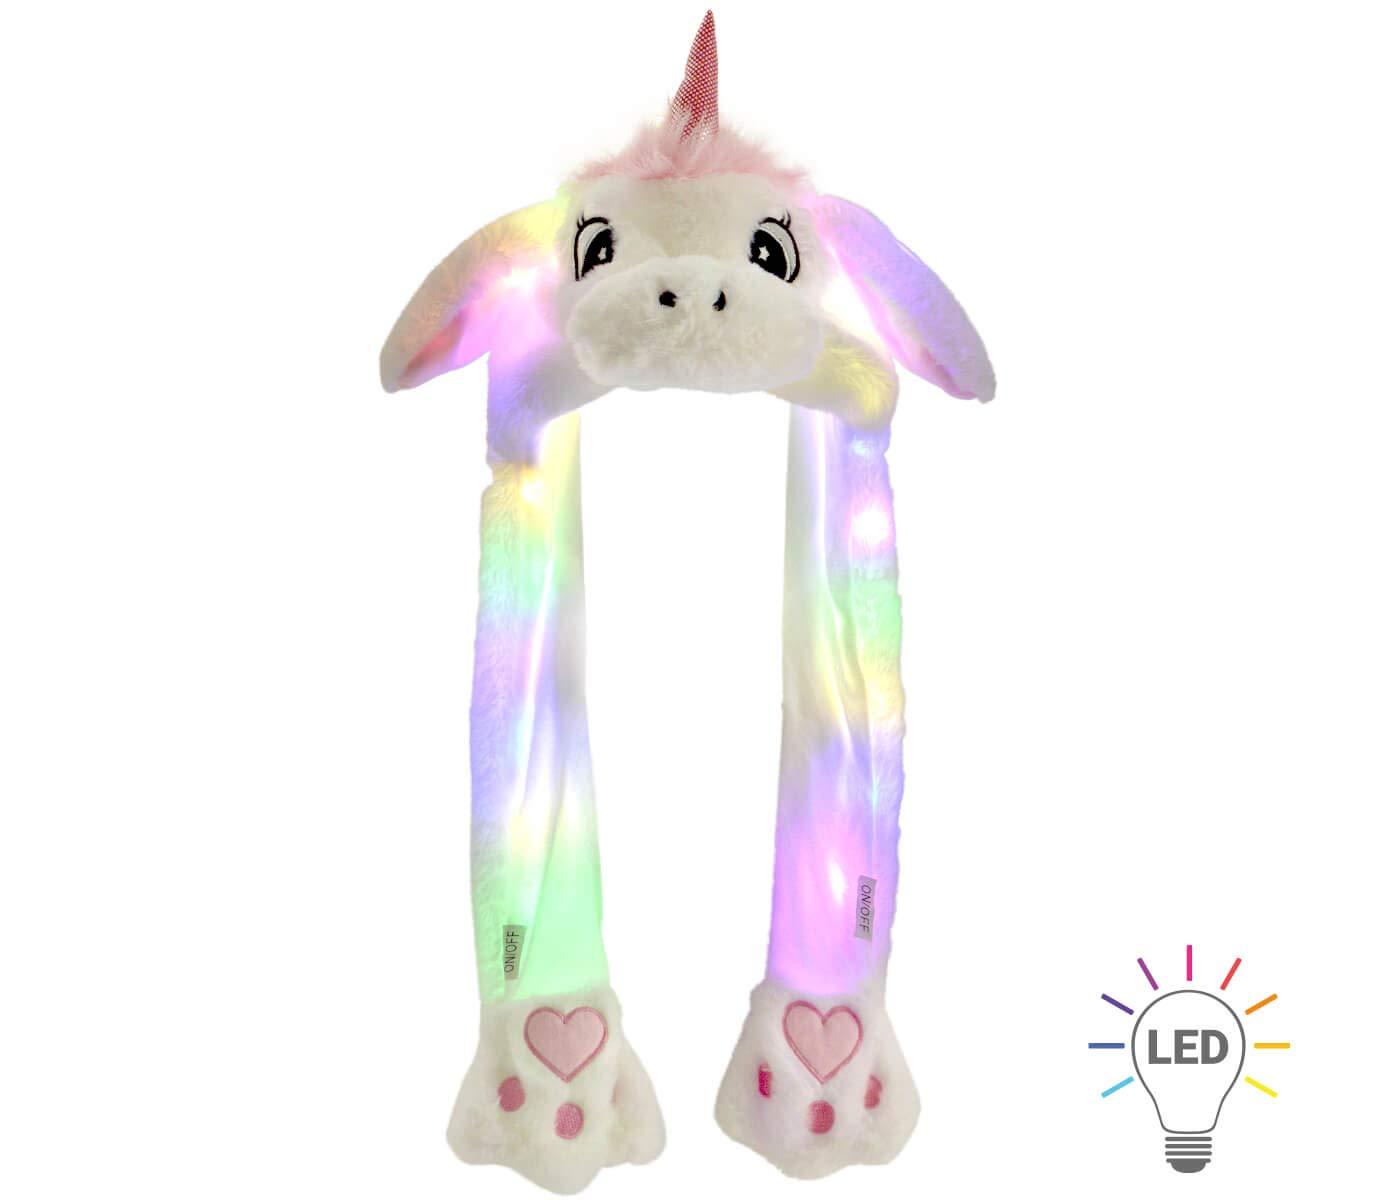 Alsino Divertente Cappello Unicorno con Luci LED Peluche in Bianco Che muove Le Orecchie Cappuccio Taglia Unica per Bambini Berretto Accessorio Invernale con Orecchi Mobili